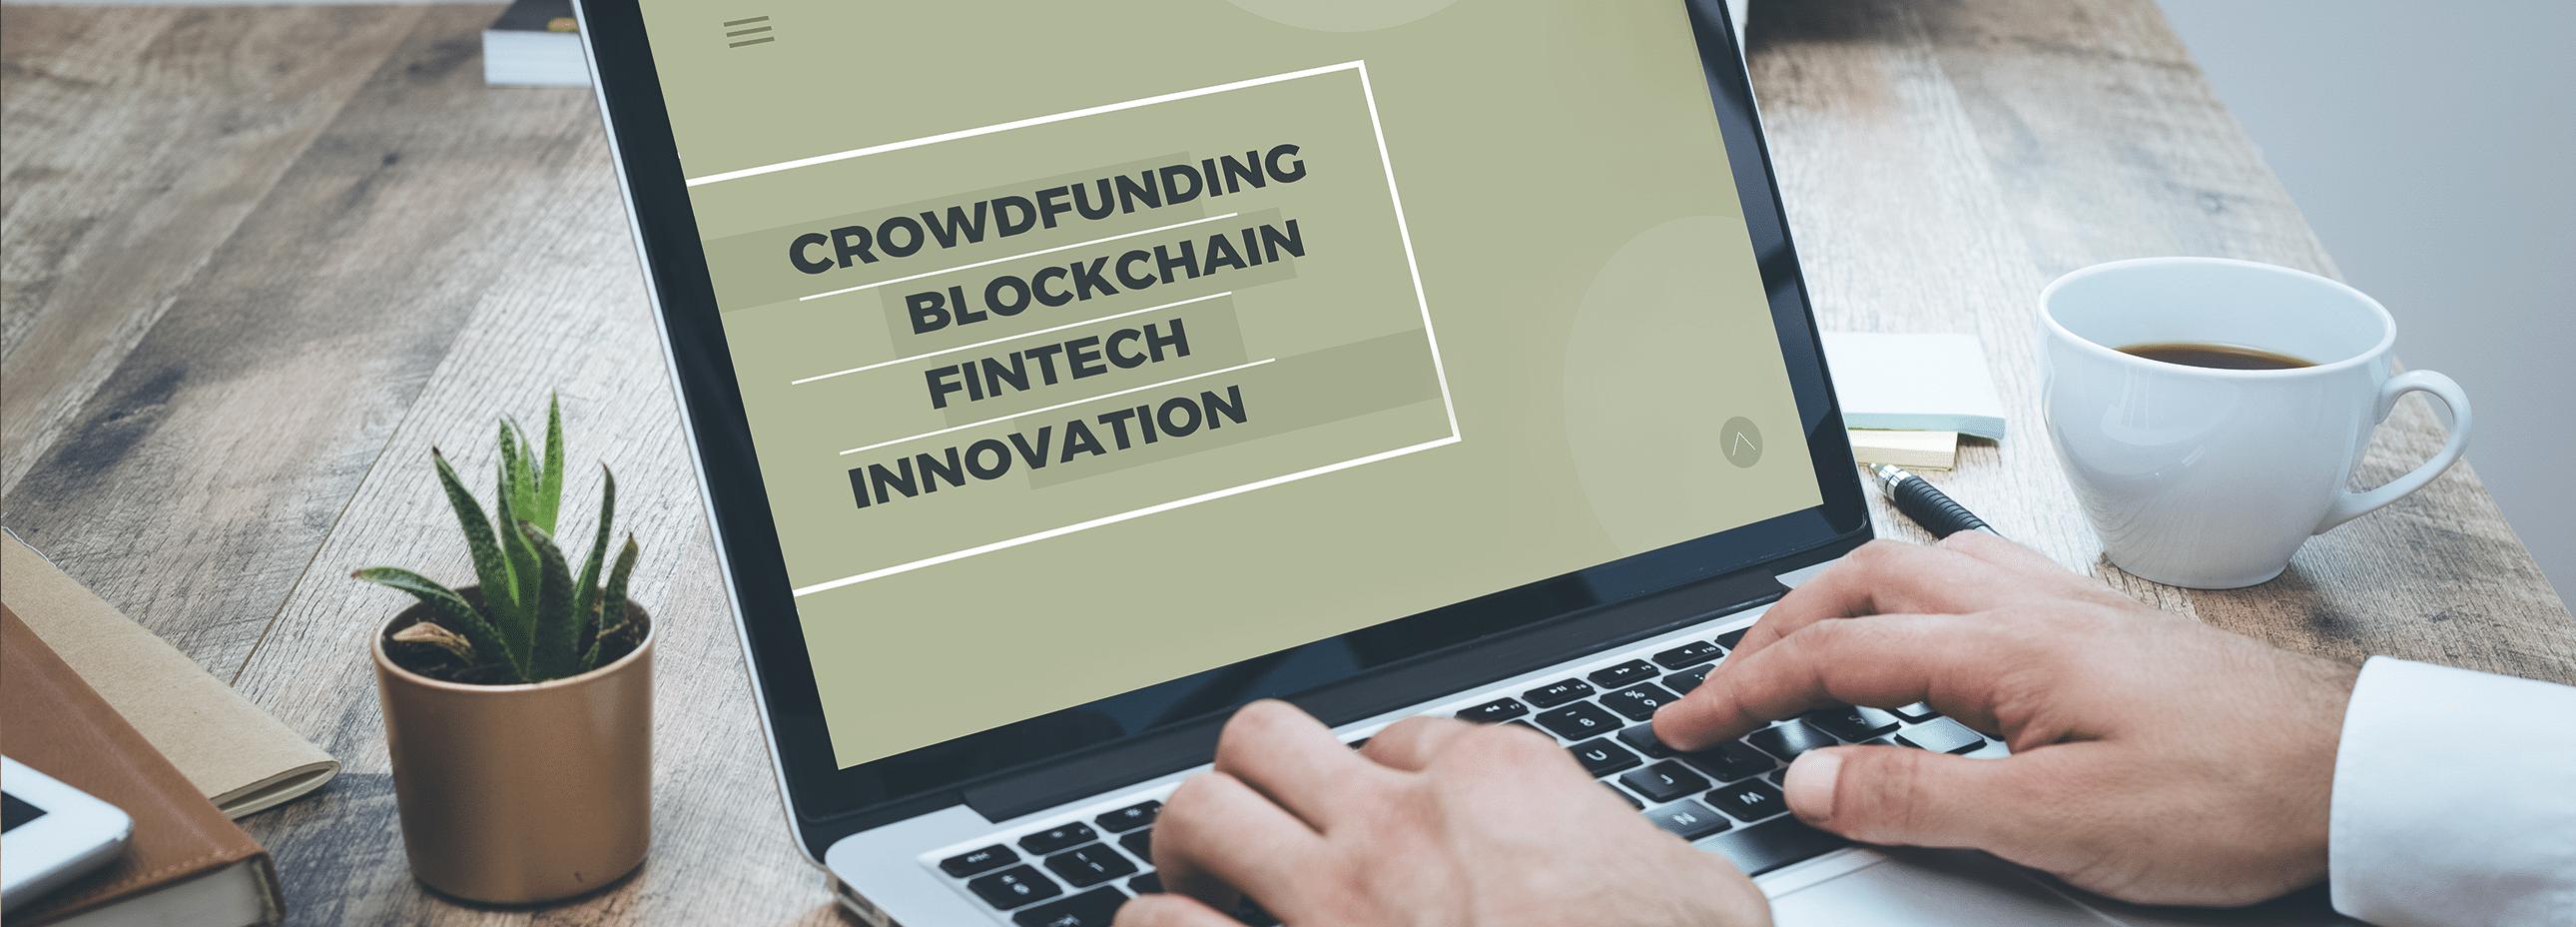 MIPISE confie à l'un de ses clients sa campagne de crowdfunding pour lever des fonds